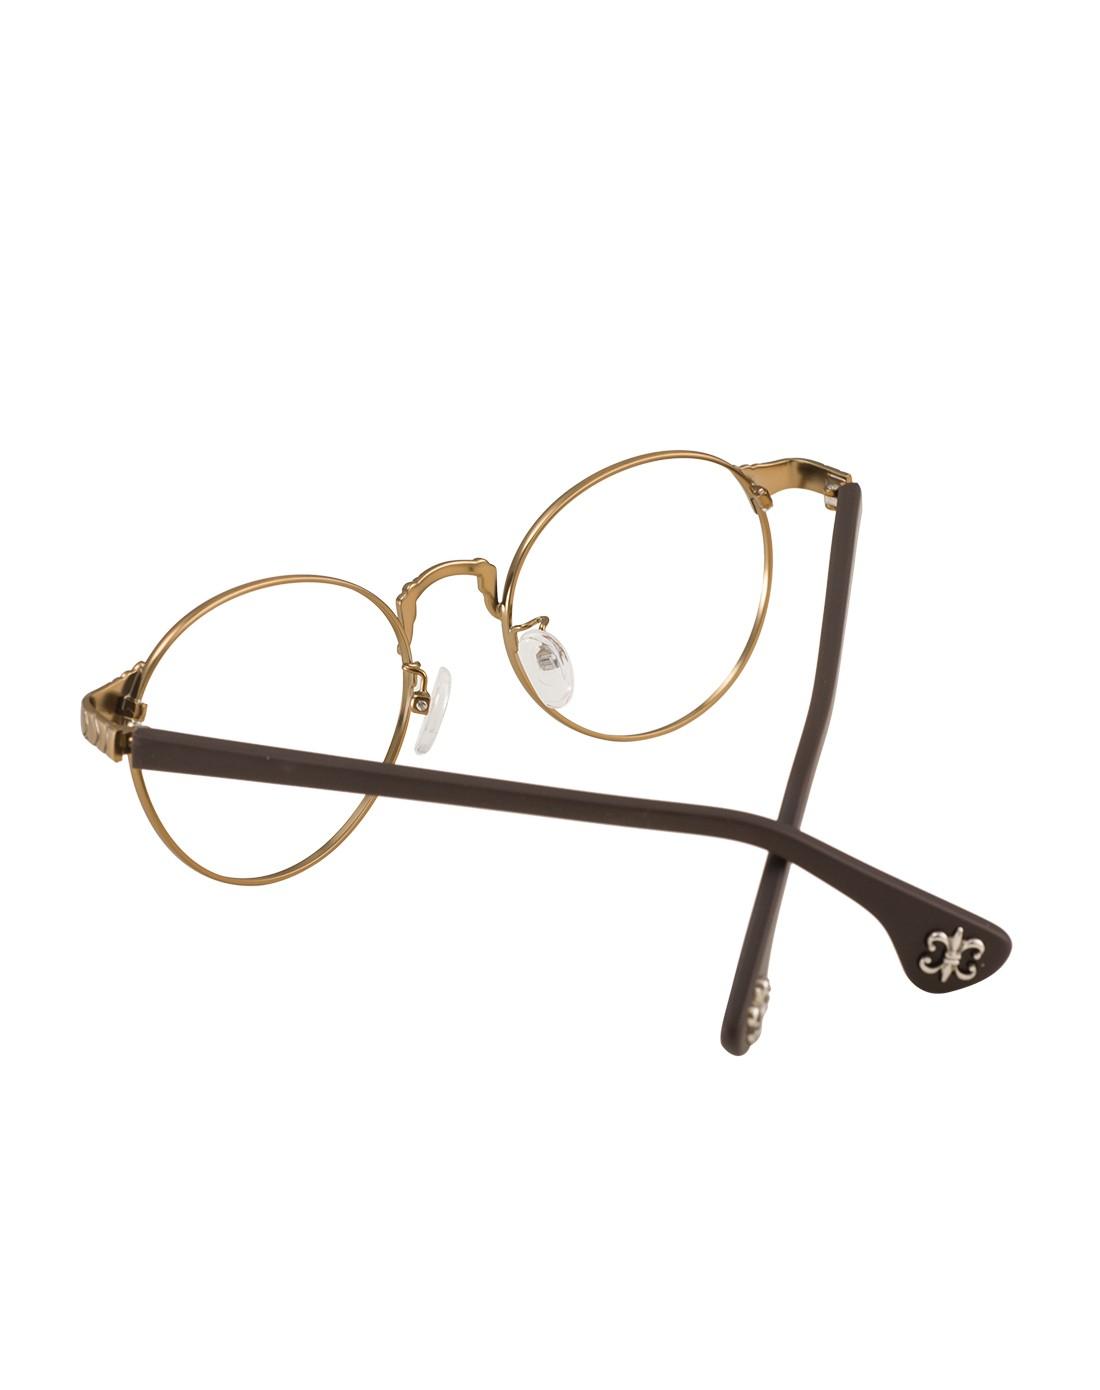 音米in mix时尚眼镜专场 > 金属大框复古圆形镜框